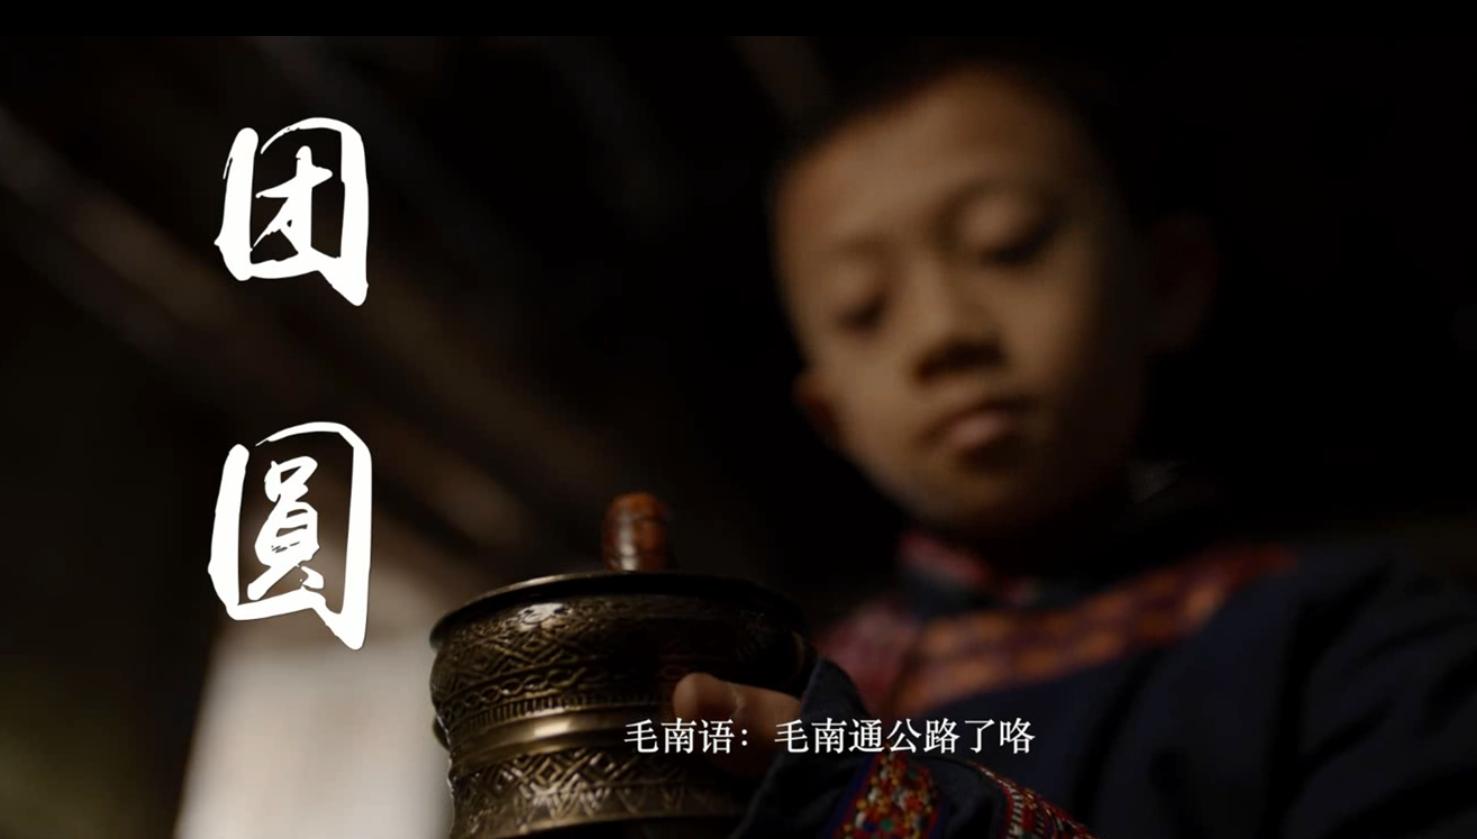 税务扶贫微电影《团圆》:让爱回家,把温暖传递